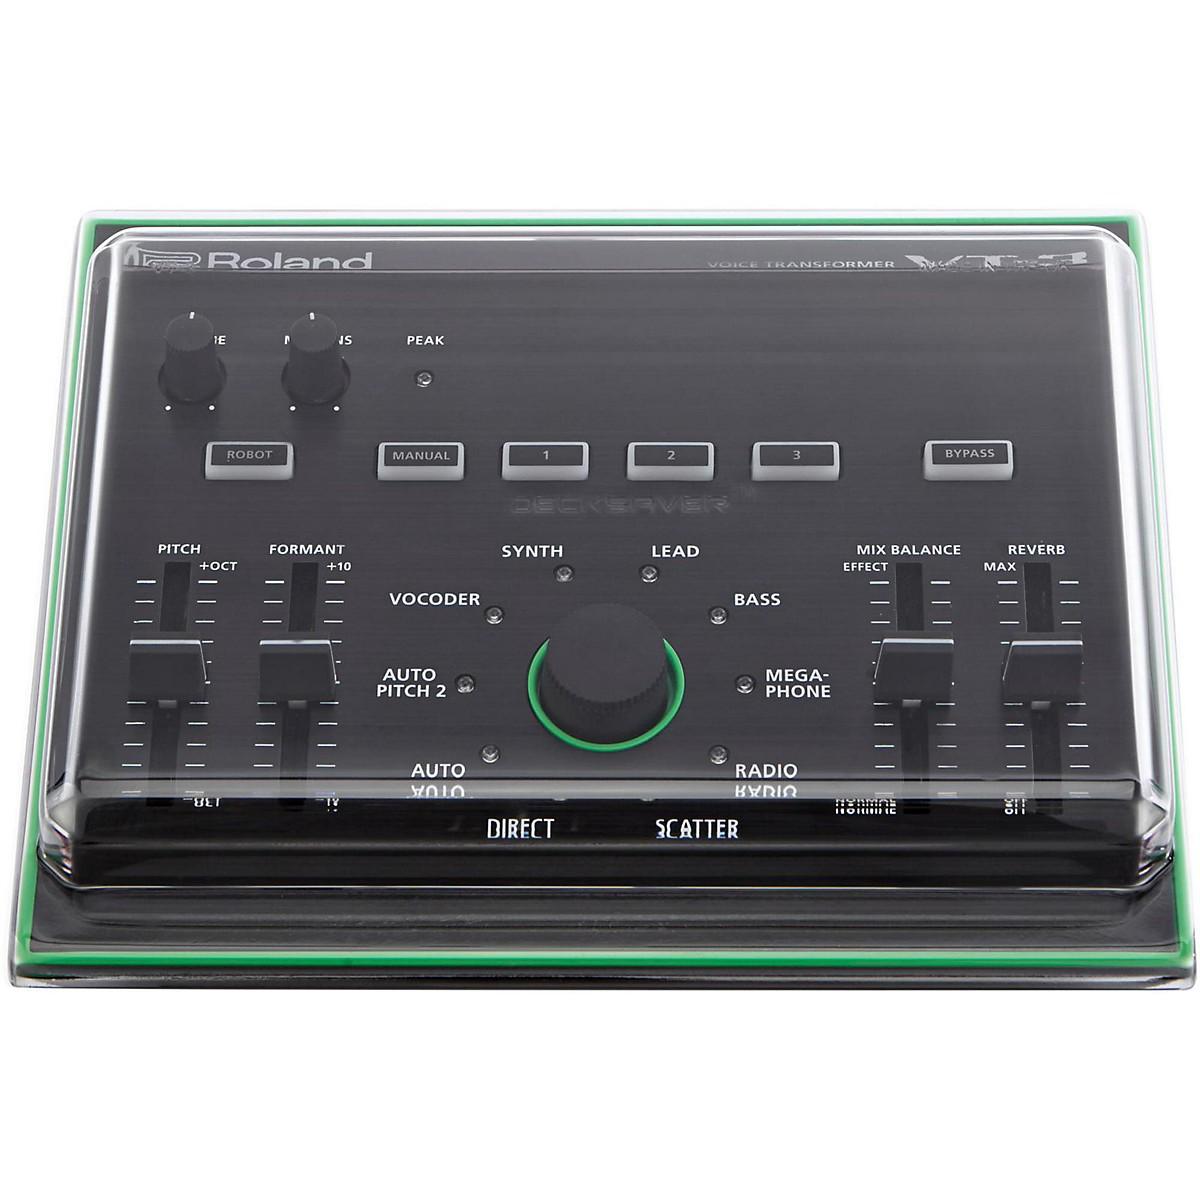 Decksaver DSS-PC-VT3 Roland Aira VT-3 Cover